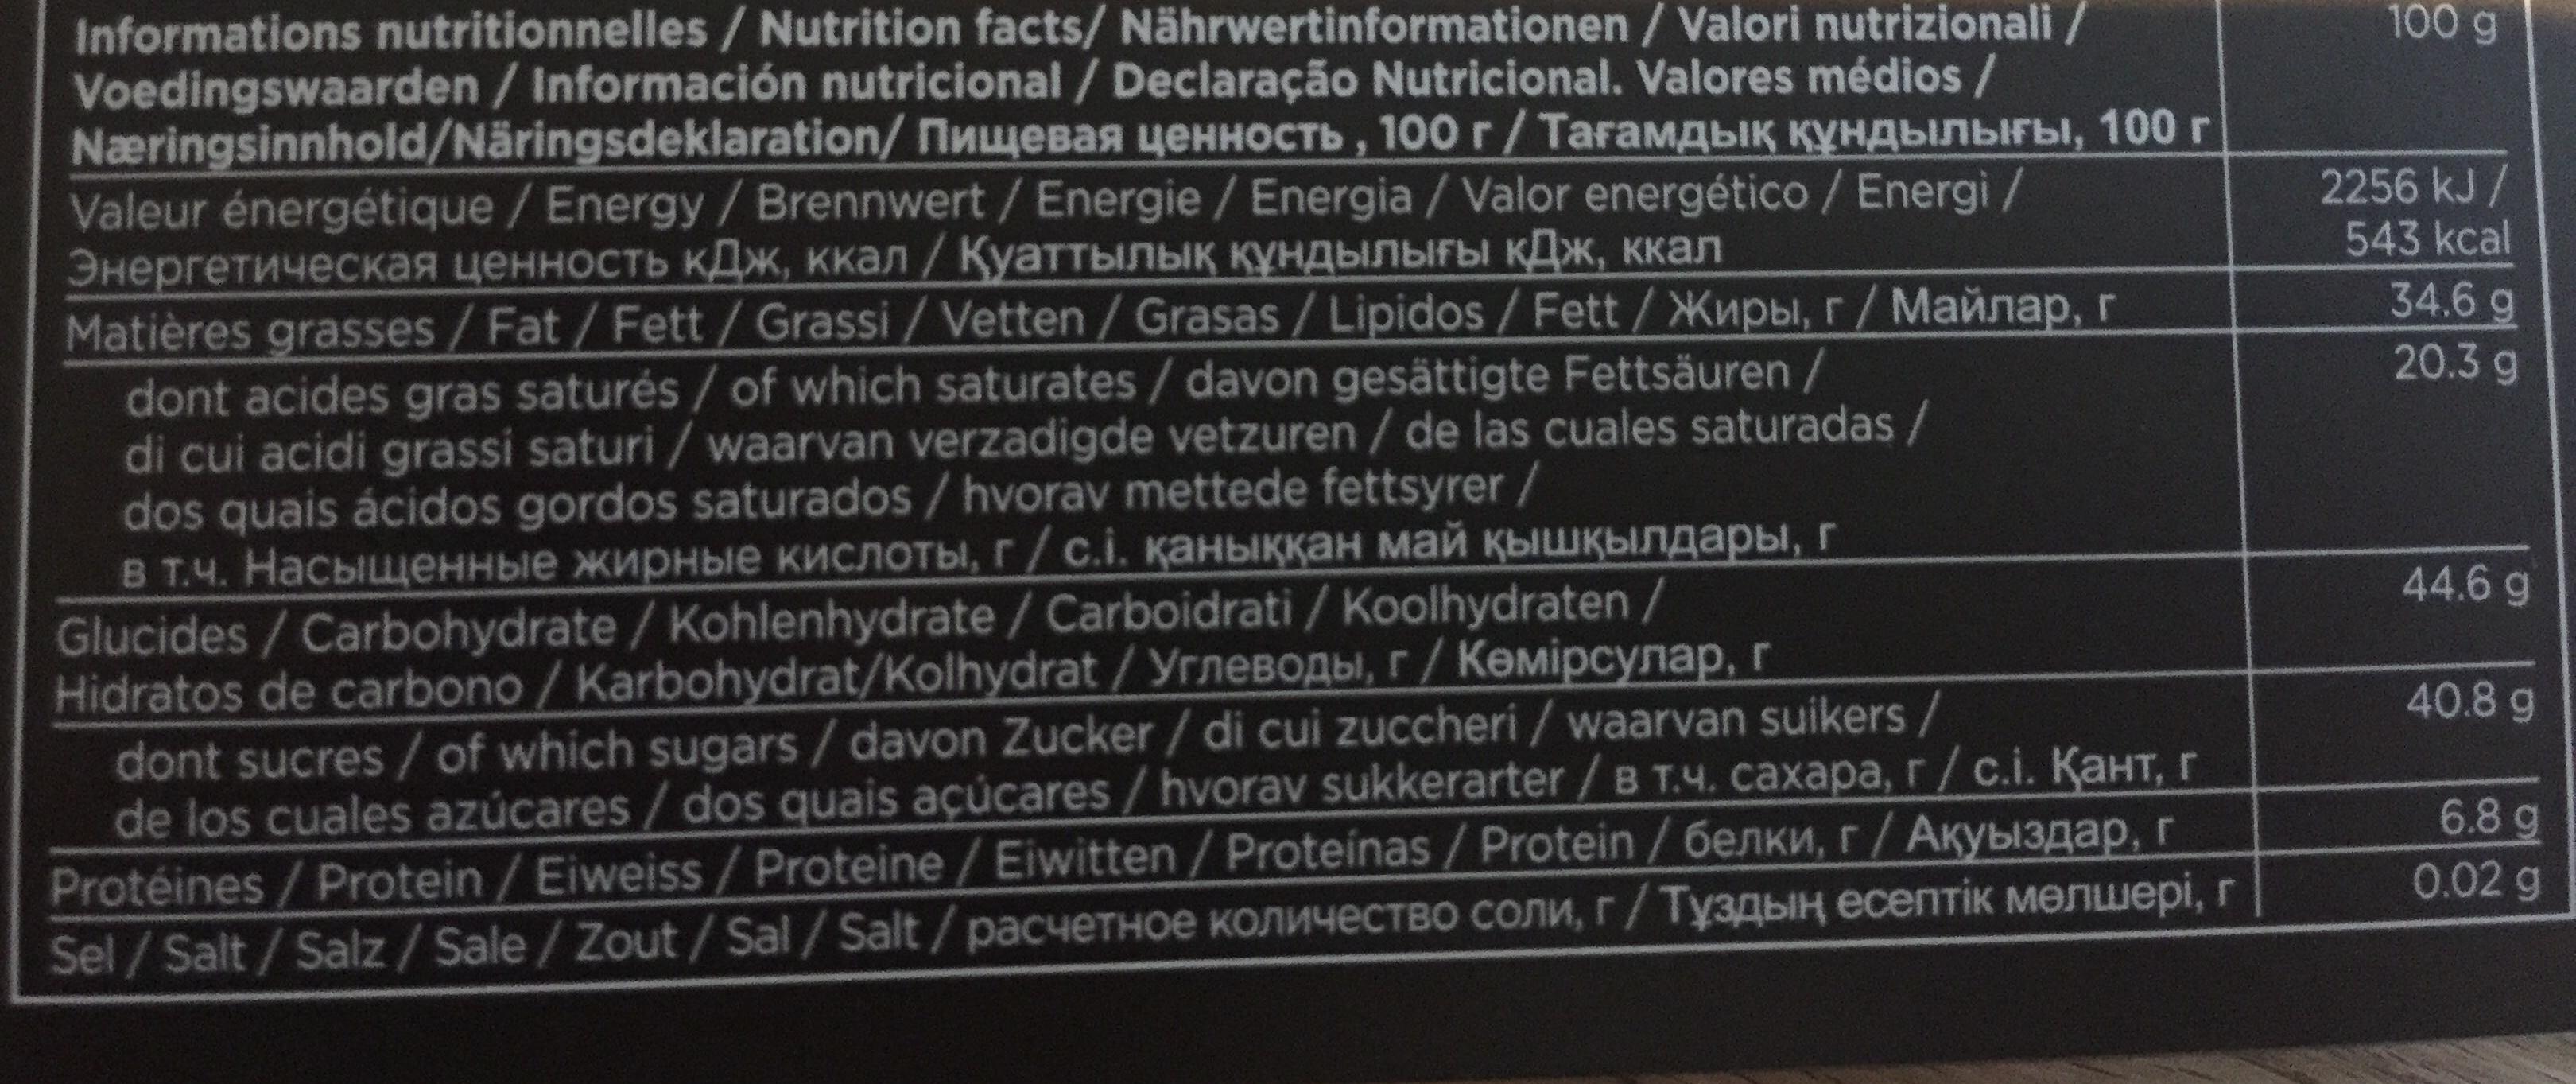 Chocolats - Voedingswaarden - fr